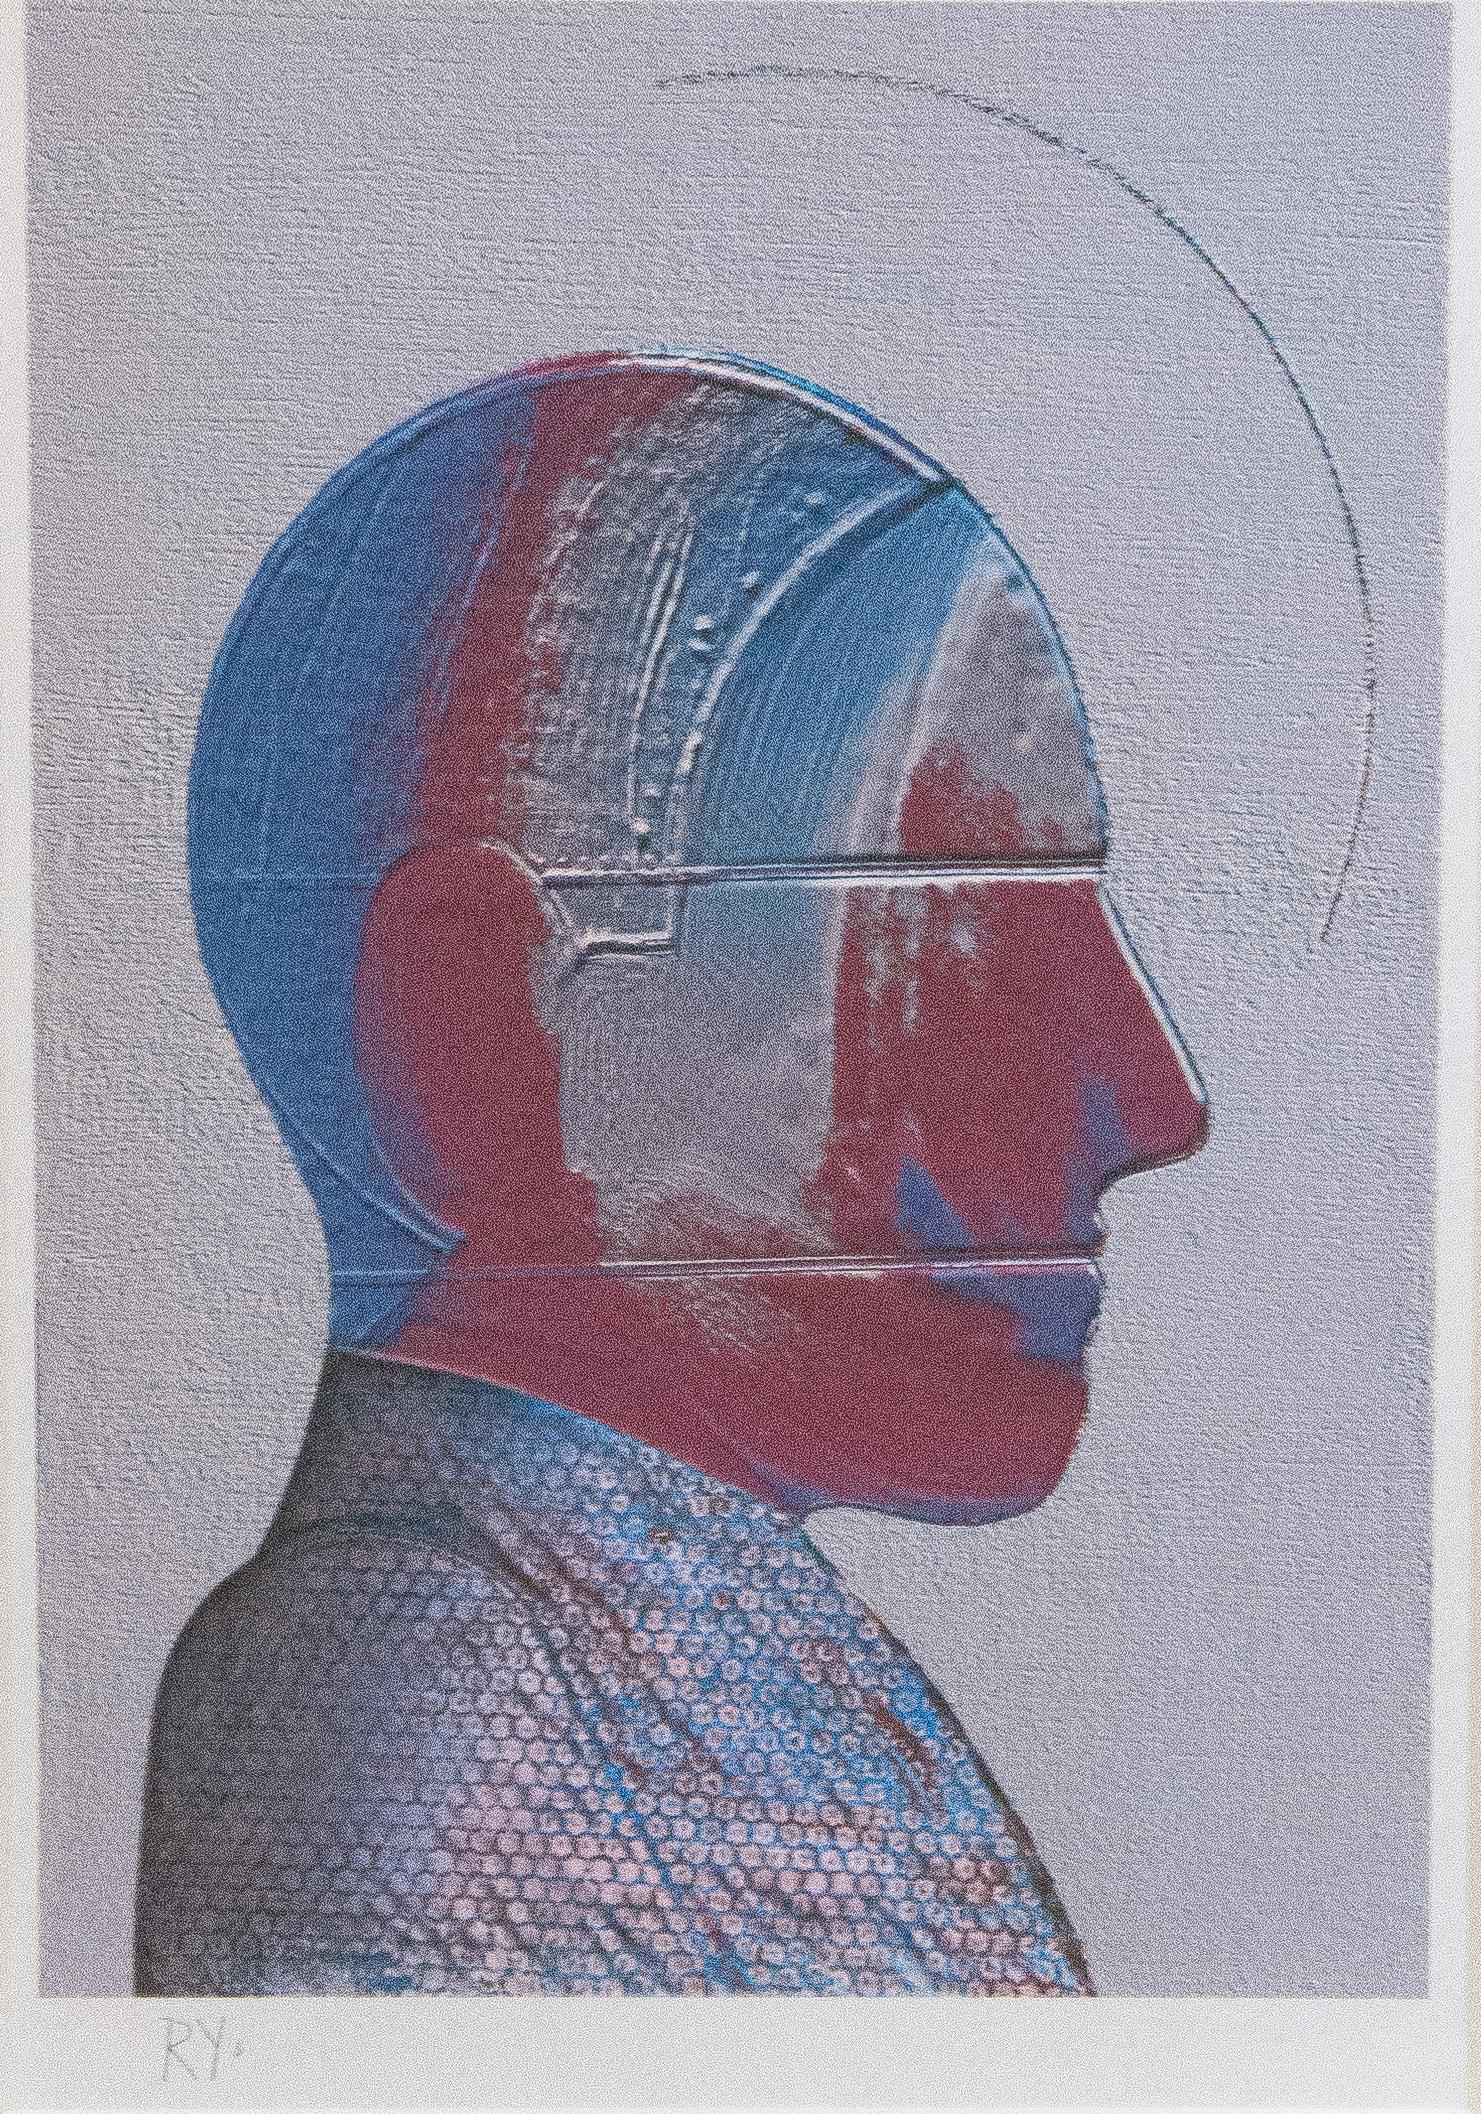 Obras de Ricardo-Yrarrazaval-en-esmalte-2003